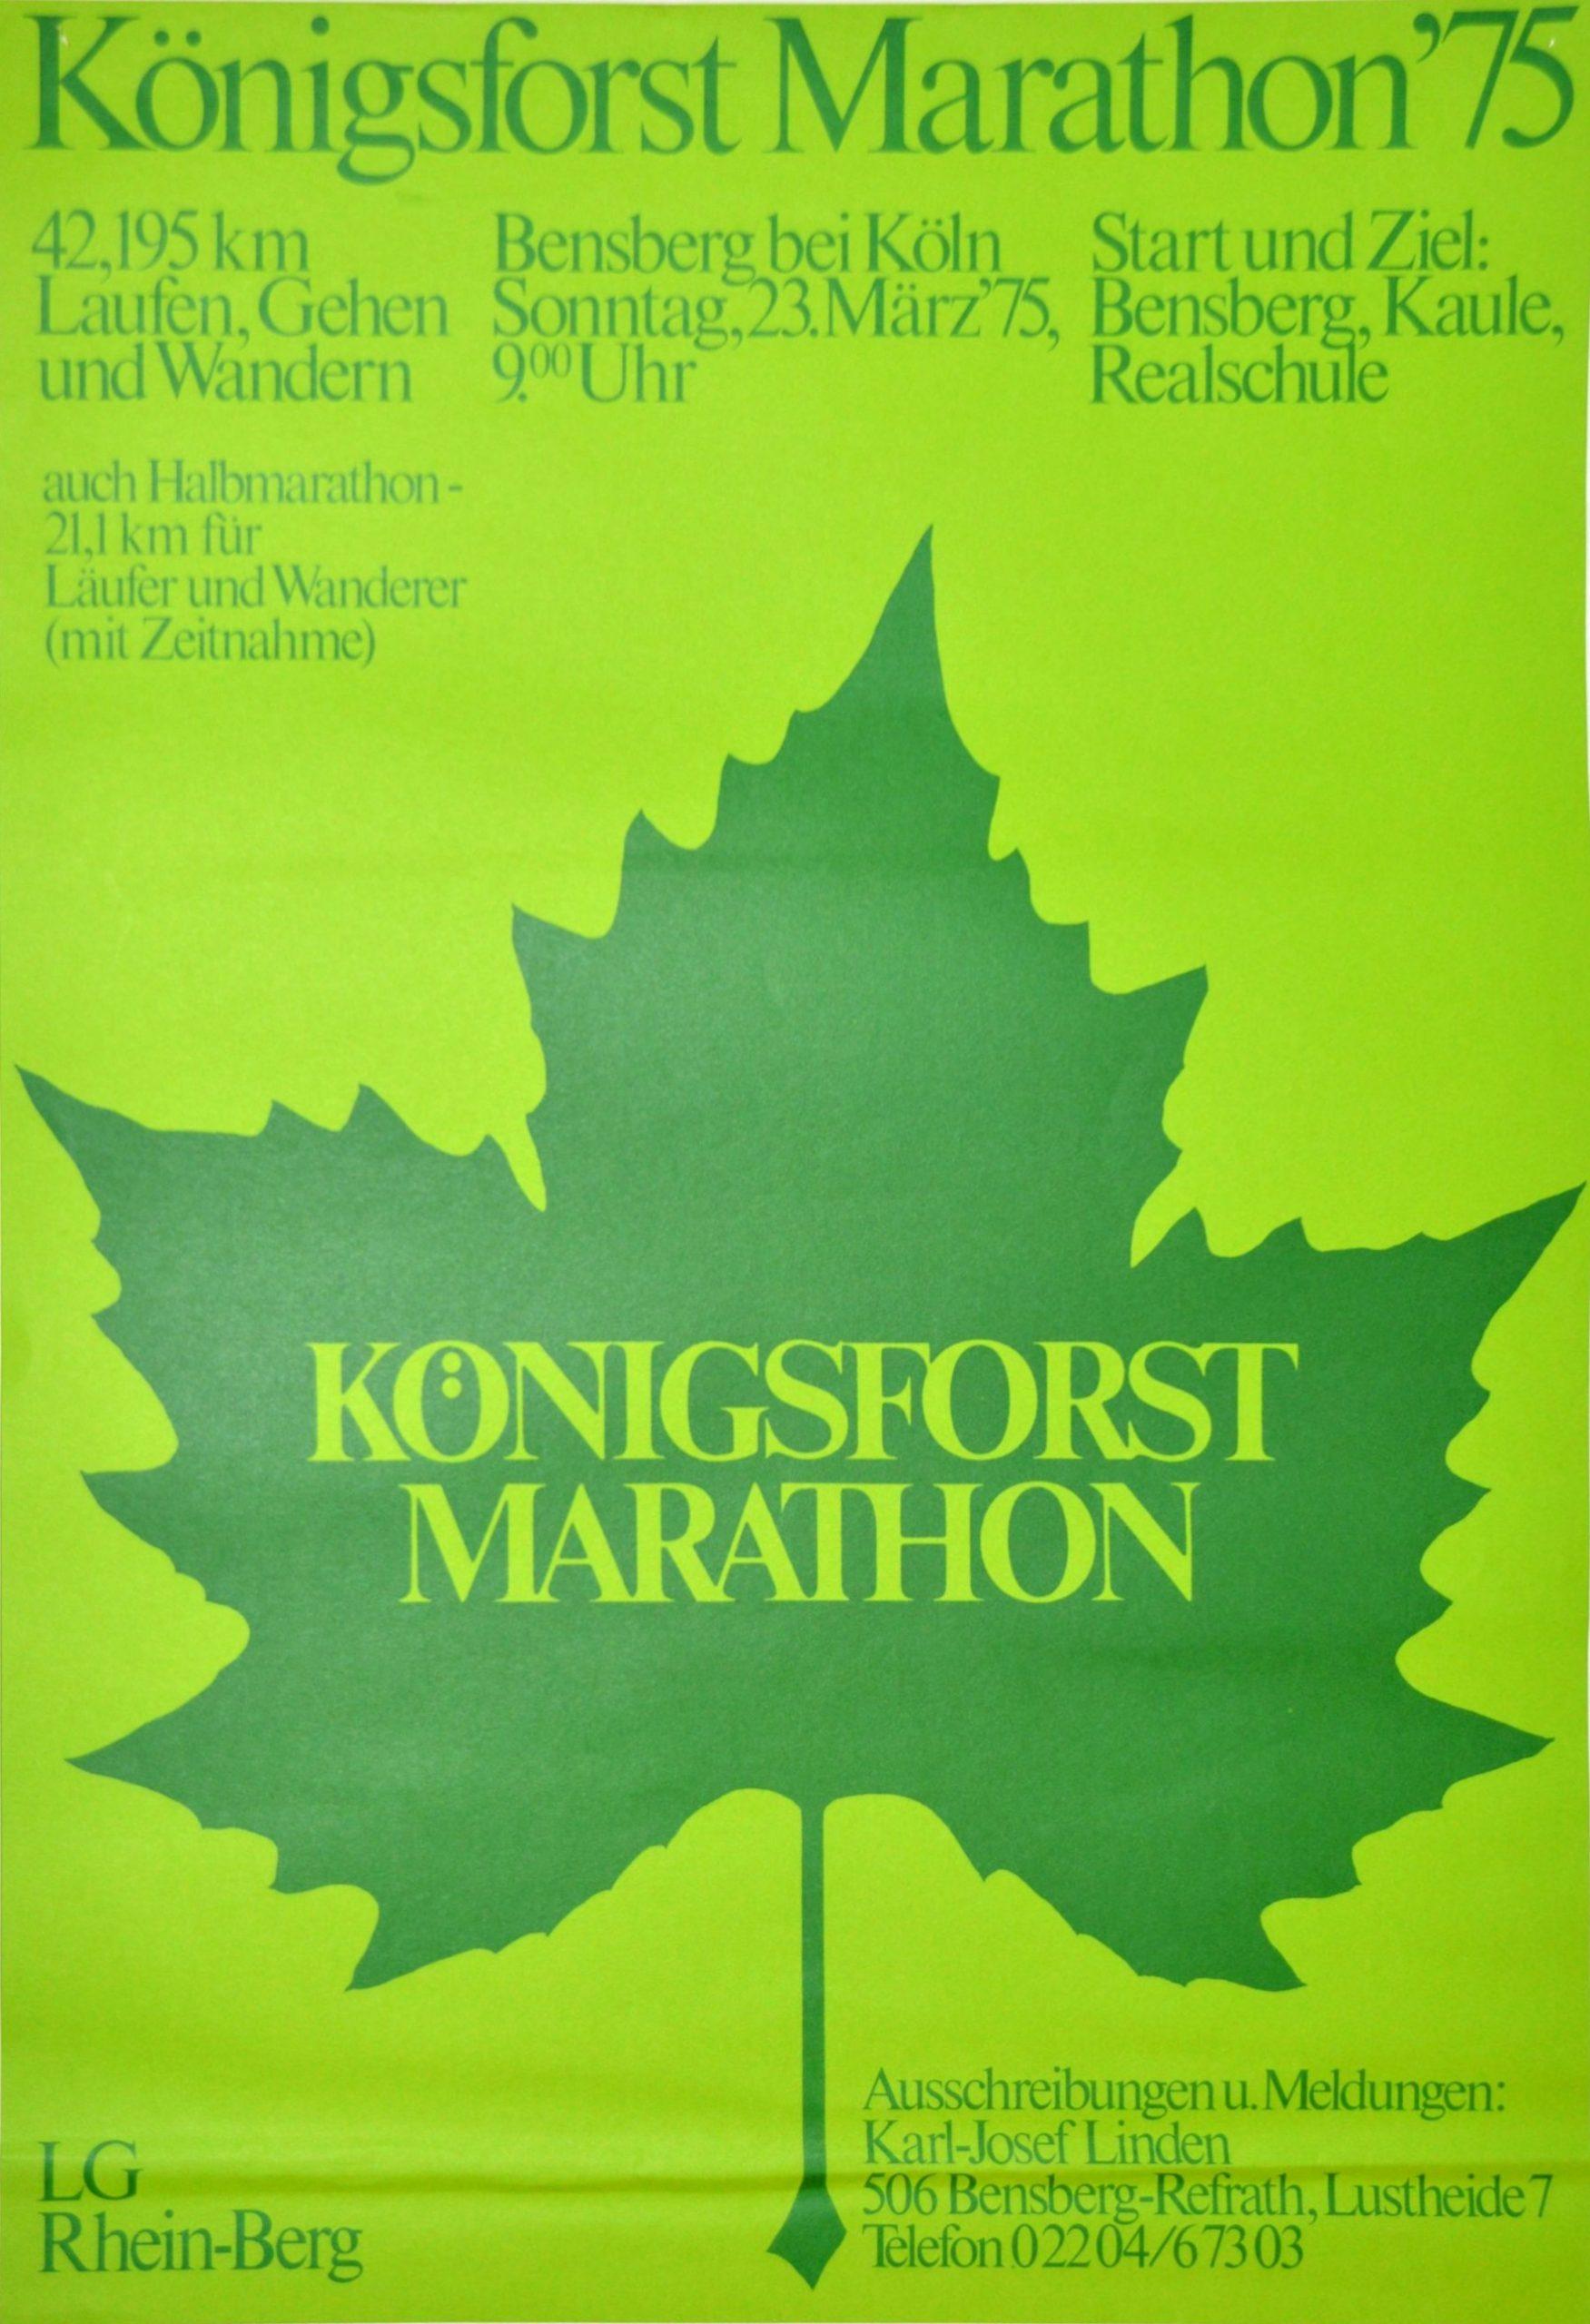 Historische Dokumente vom Königsforst-Marathon gesucht